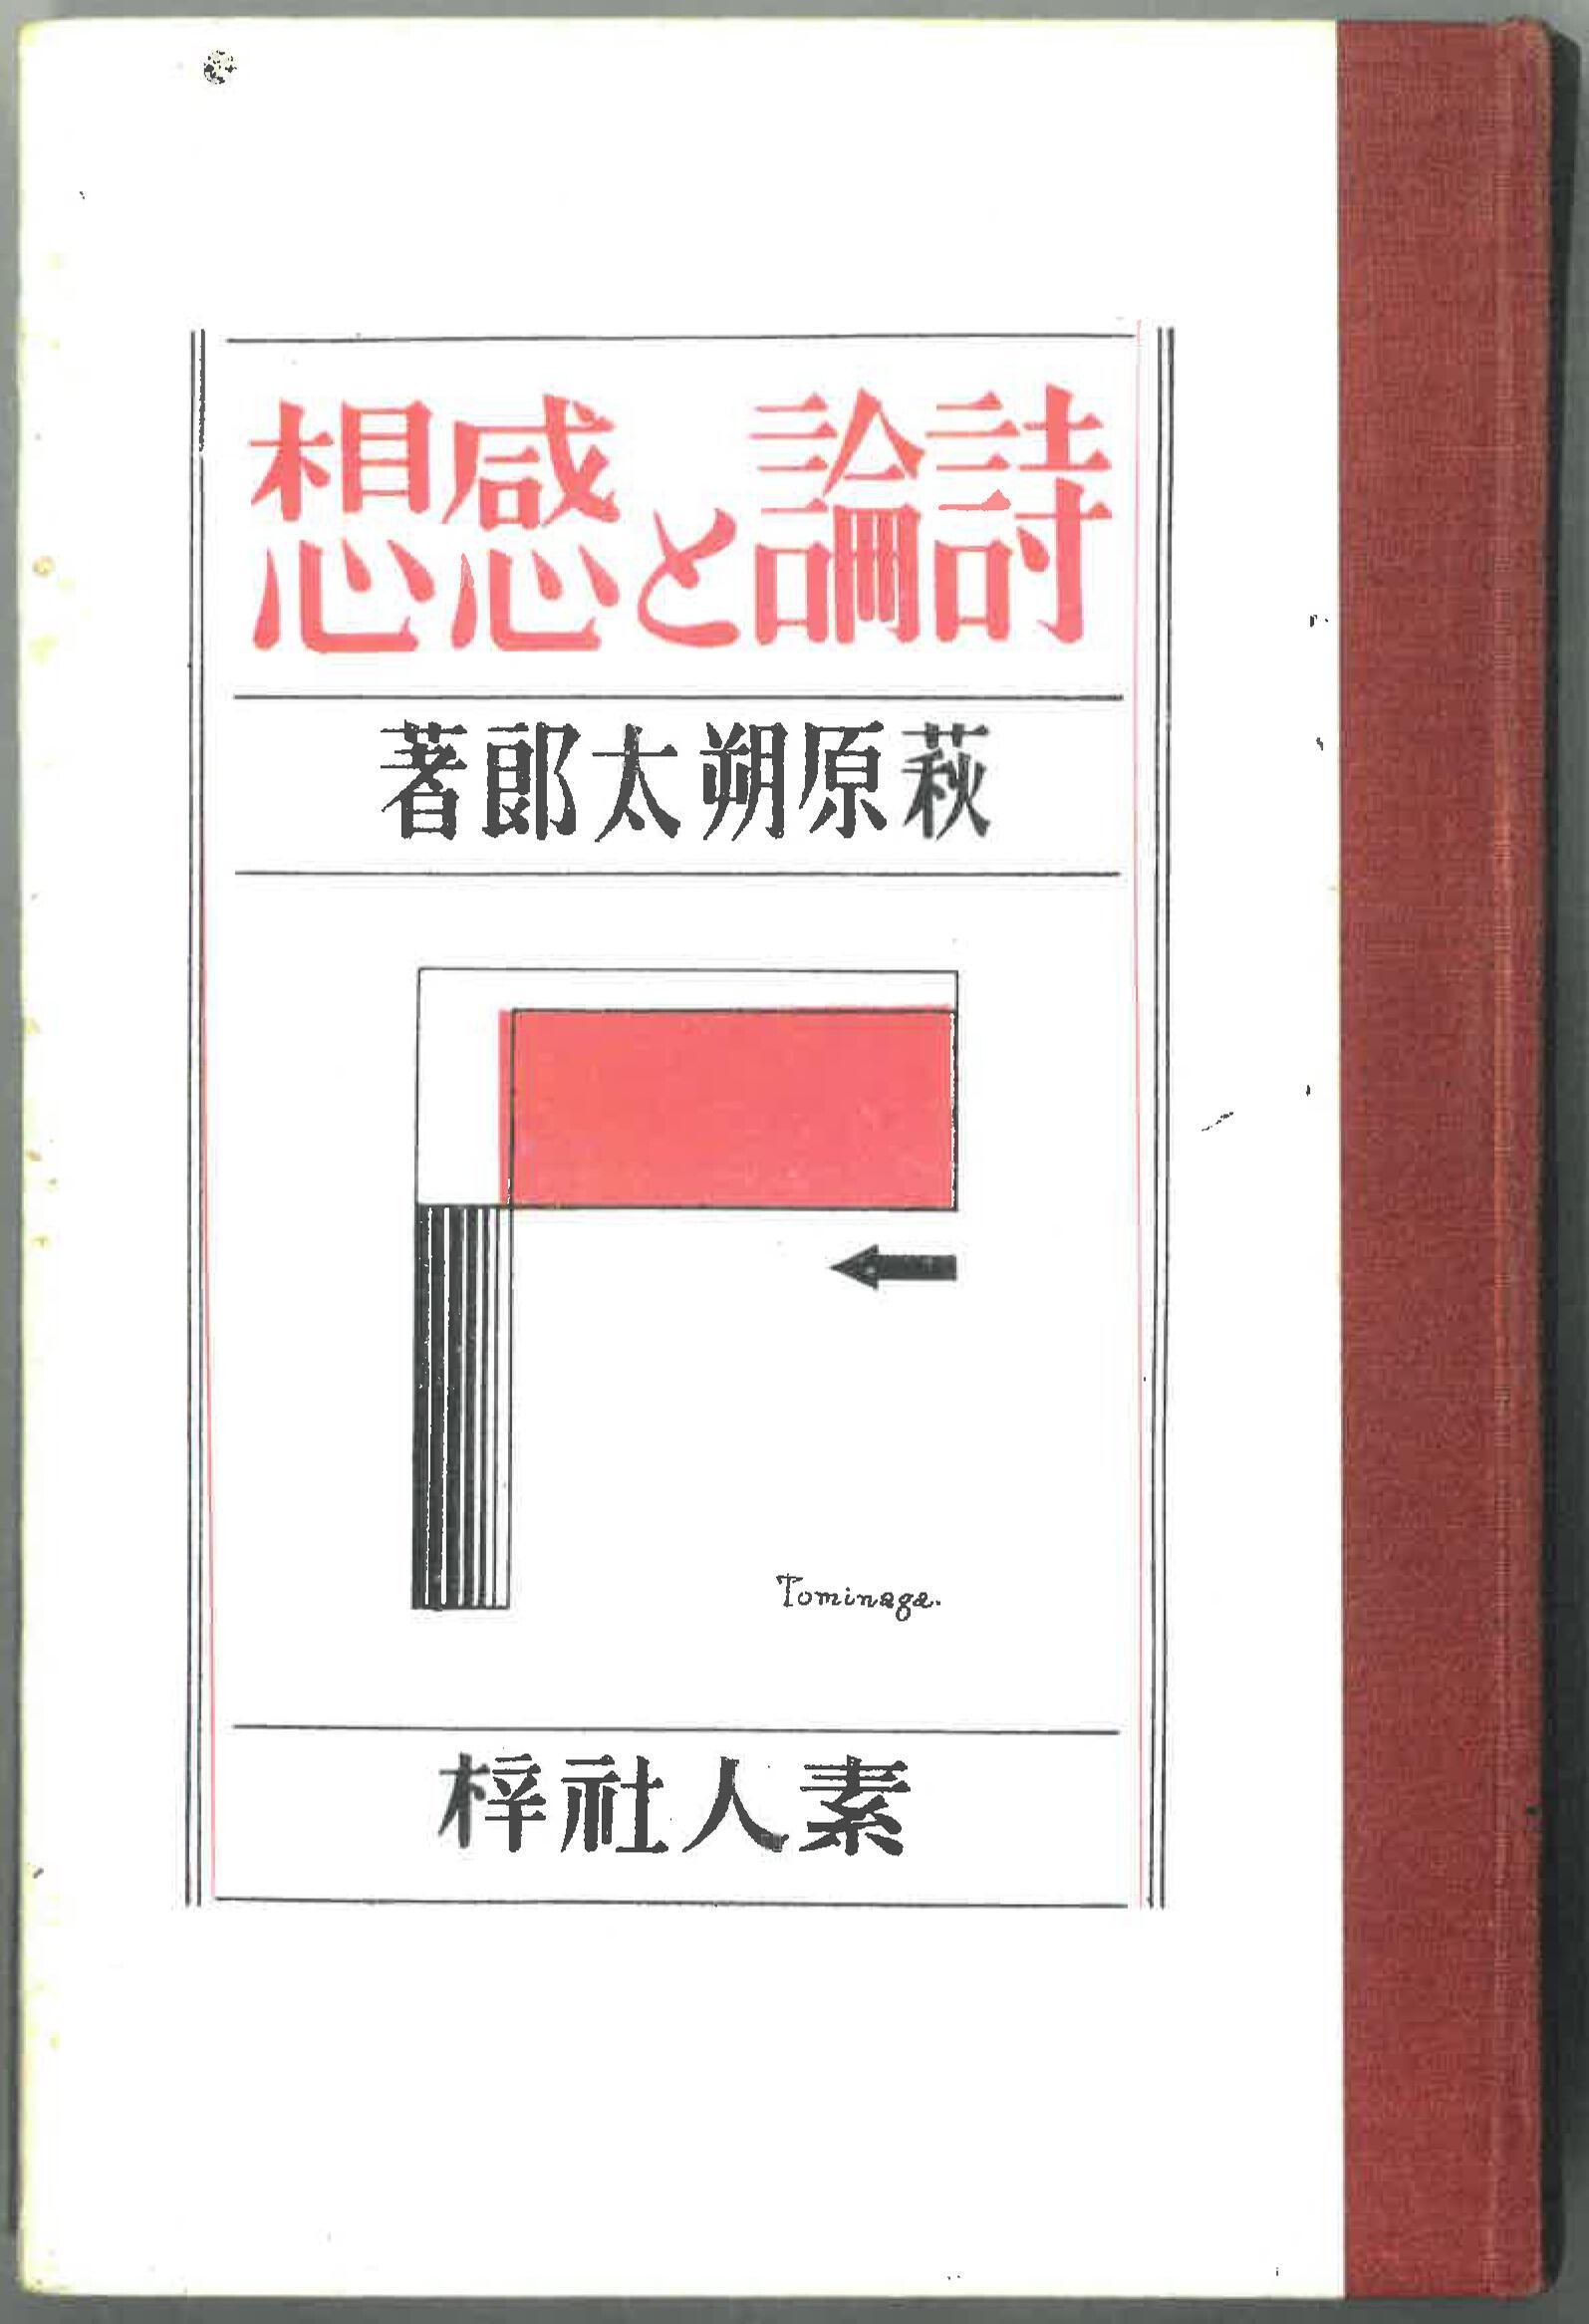 詩論と感想(萩原朔太郎).jpg